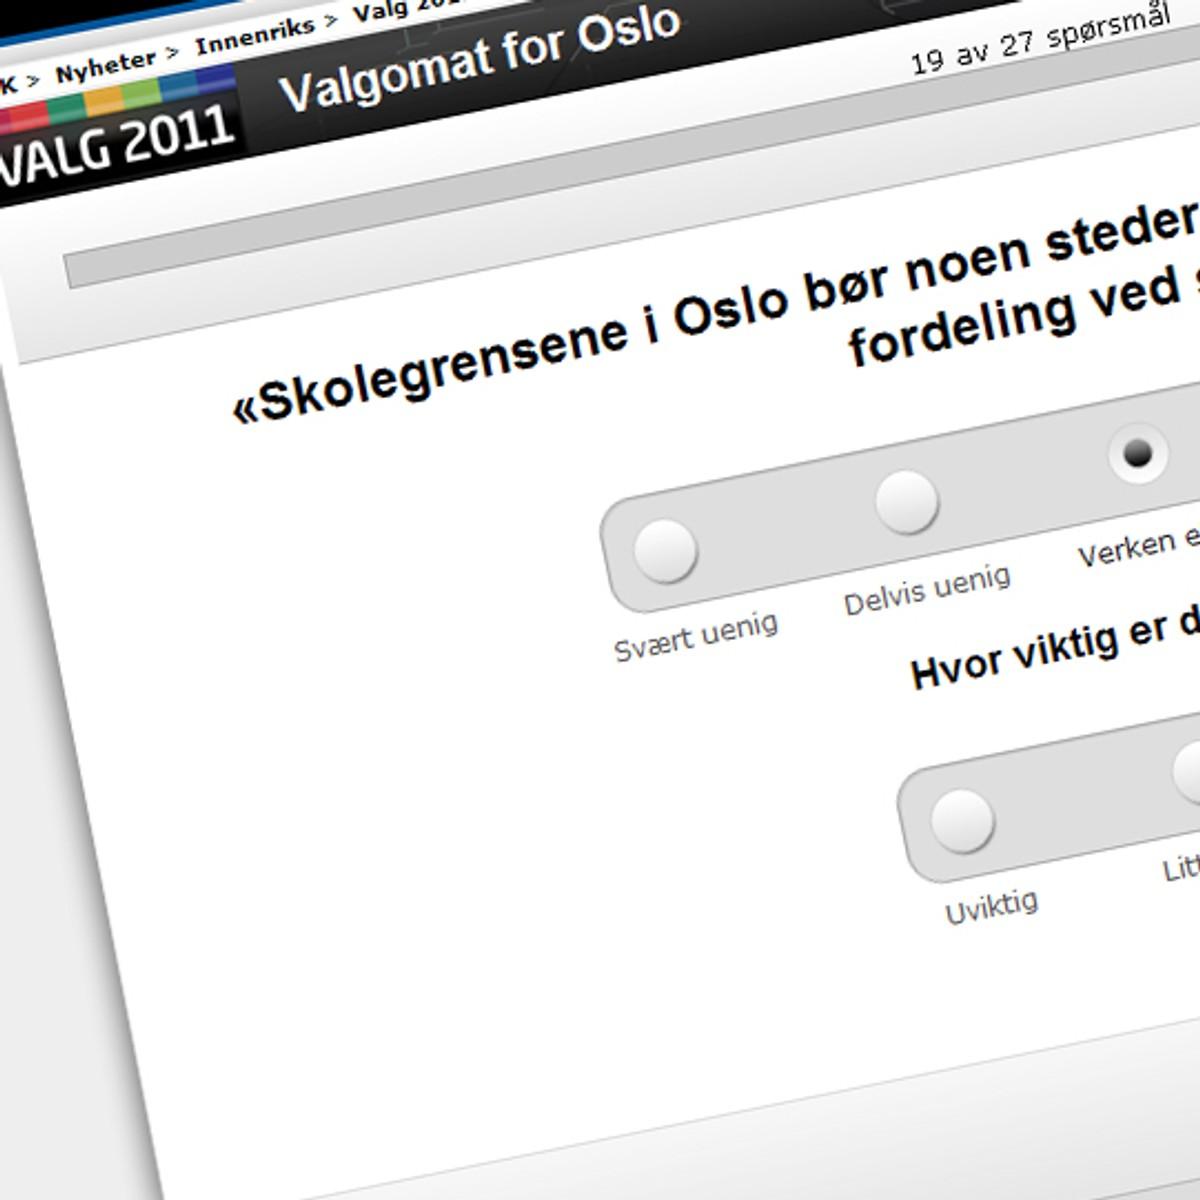 Slik Fungerer Nrks Valgomat Nrk Norge Oversikt Over Nyheter Fra Ulike Deler Av Landet